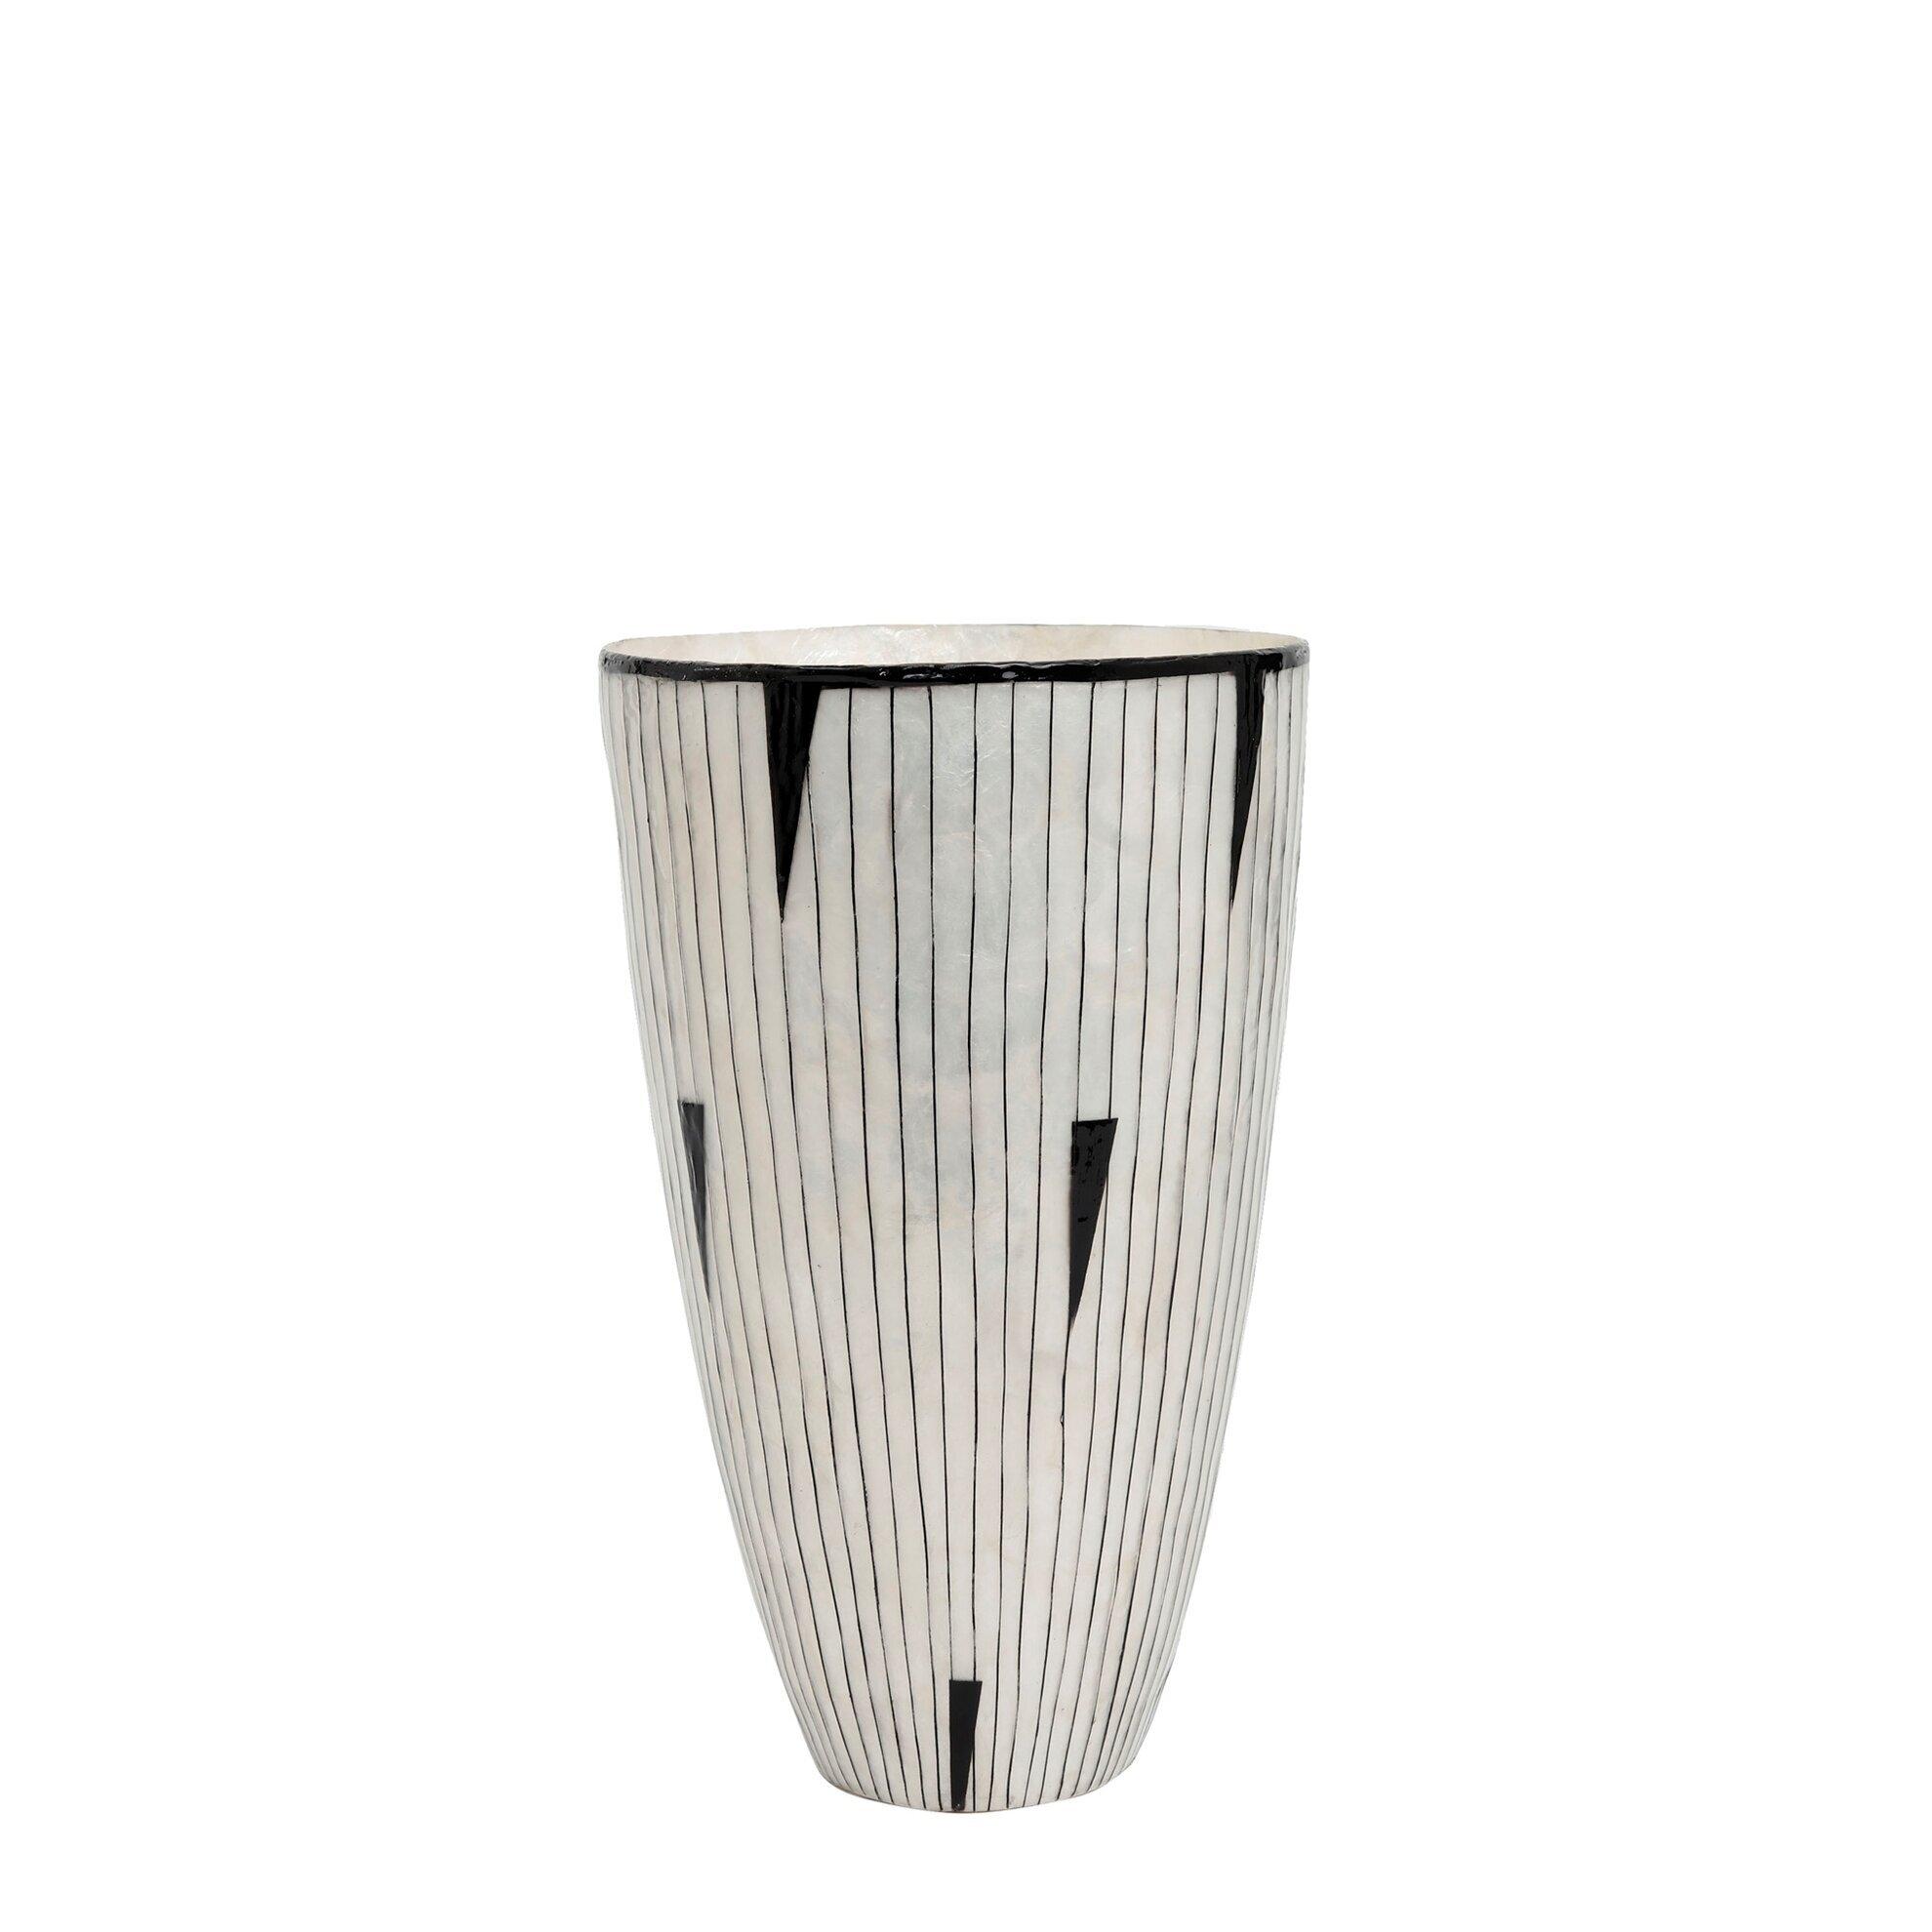 Vase 20 X 20 X 33 cm